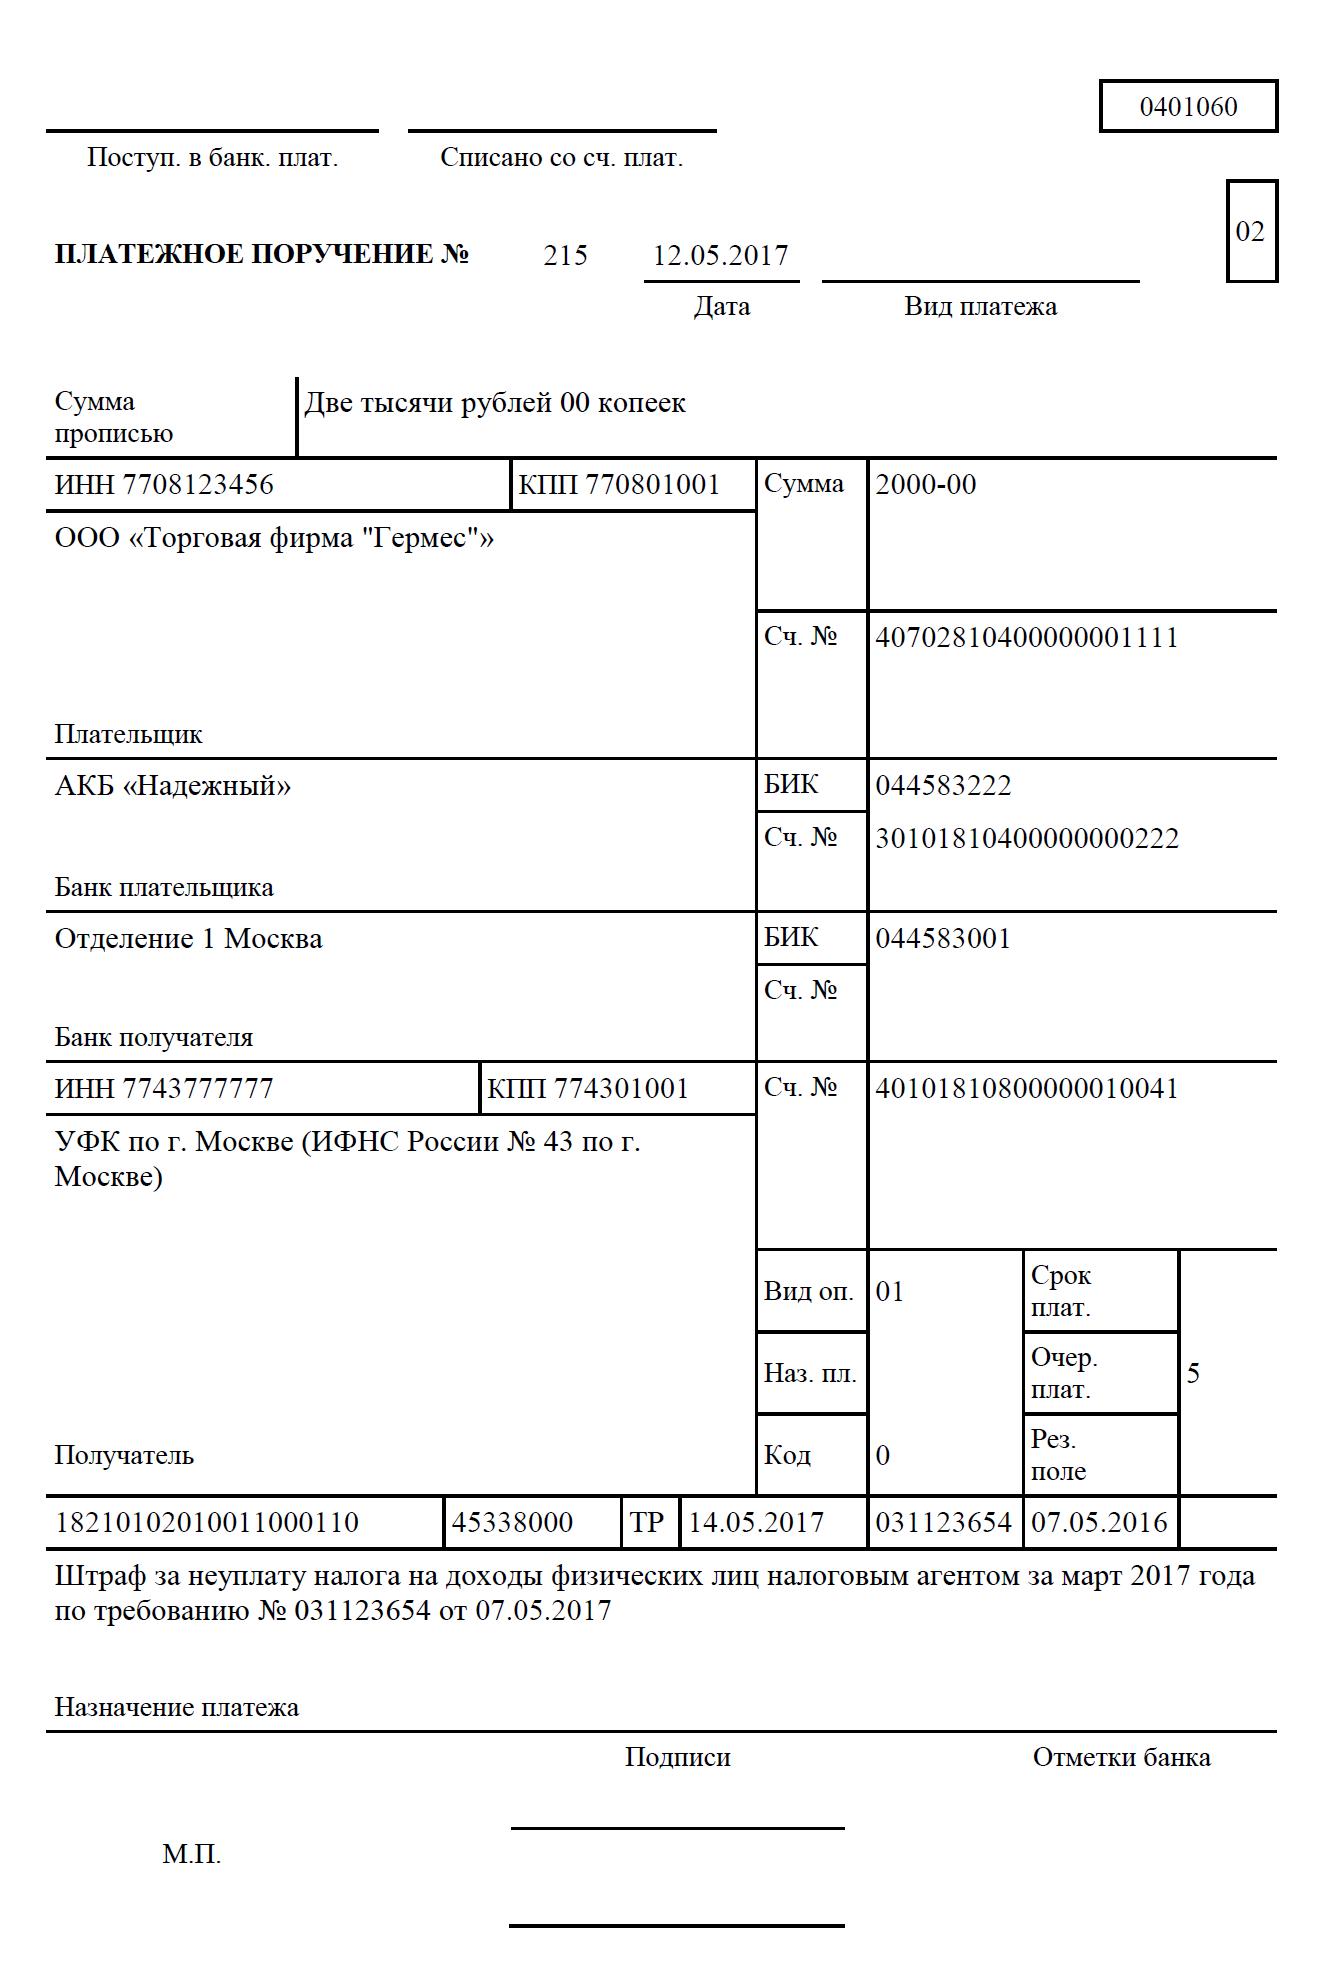 Штраф за неуплату НДФЛ налоговым агентом в 2017 году